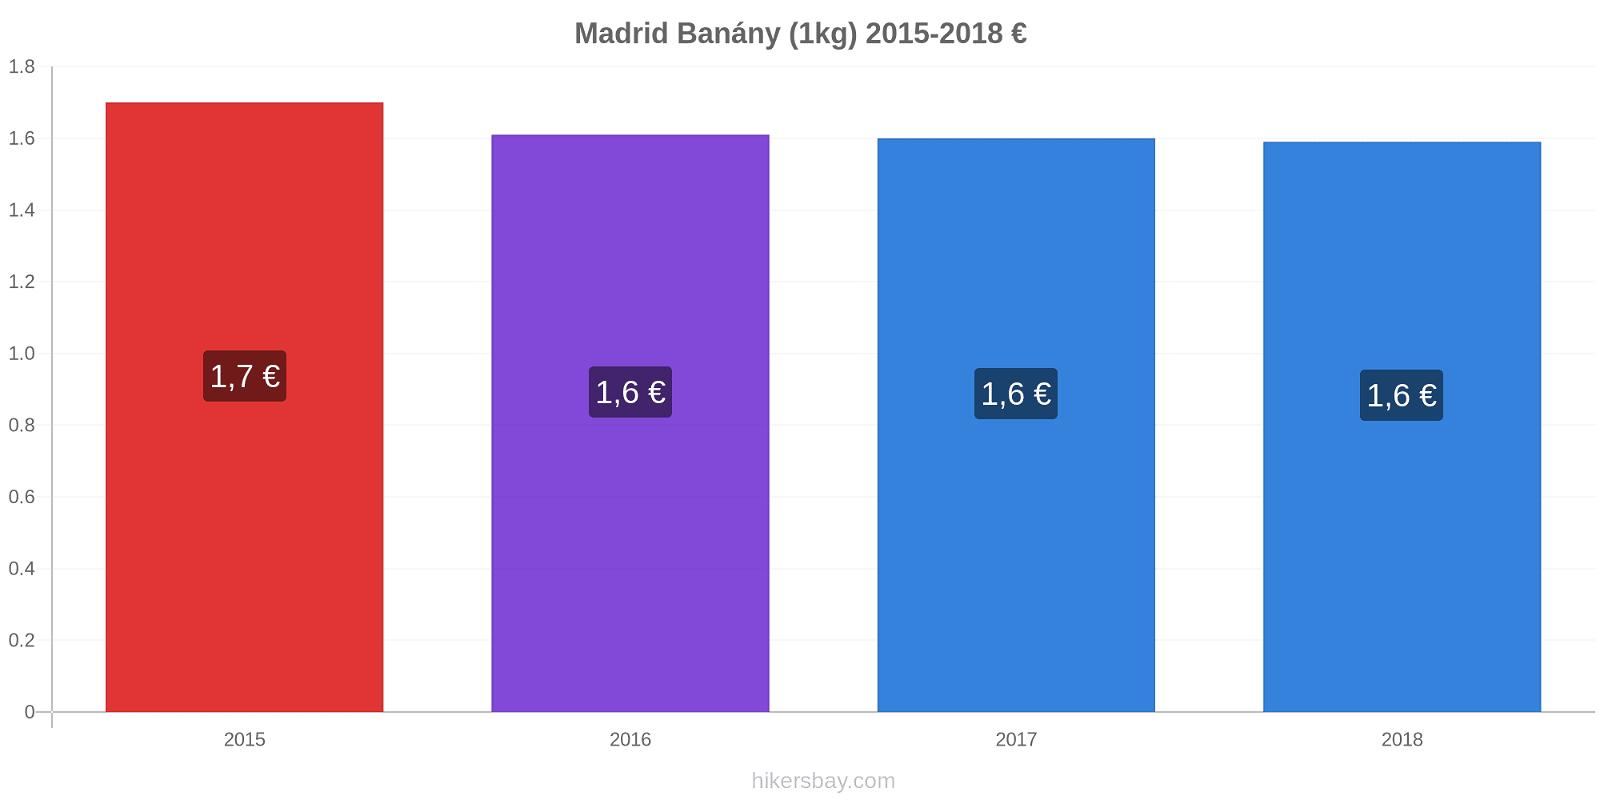 Madrid změny cen Banány (1kg) hikersbay.com